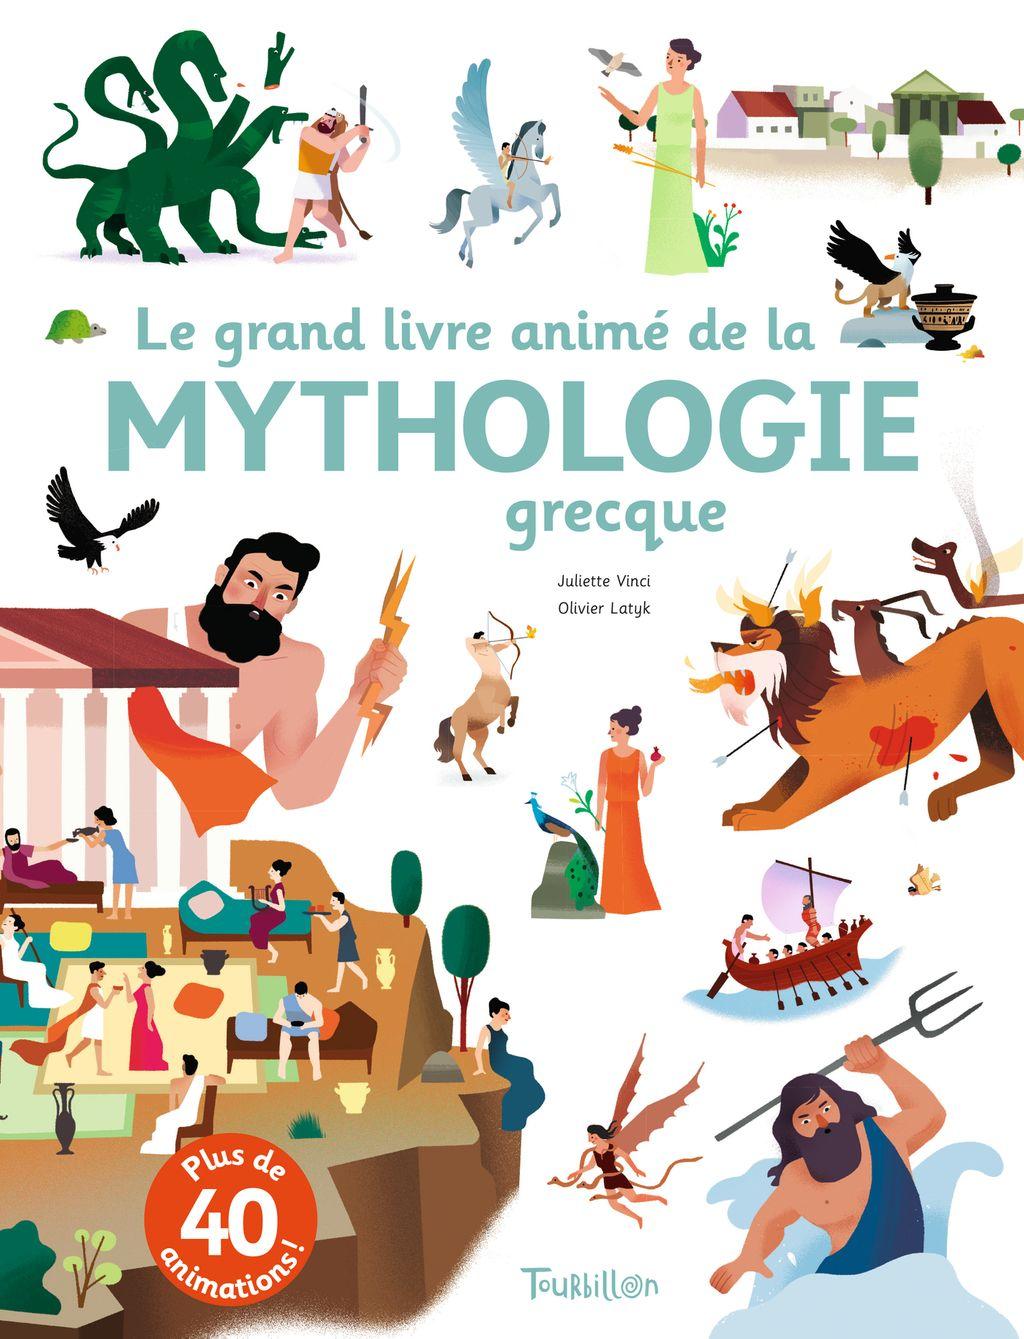 «Le grand livre animé de la mythologie grecque» cover